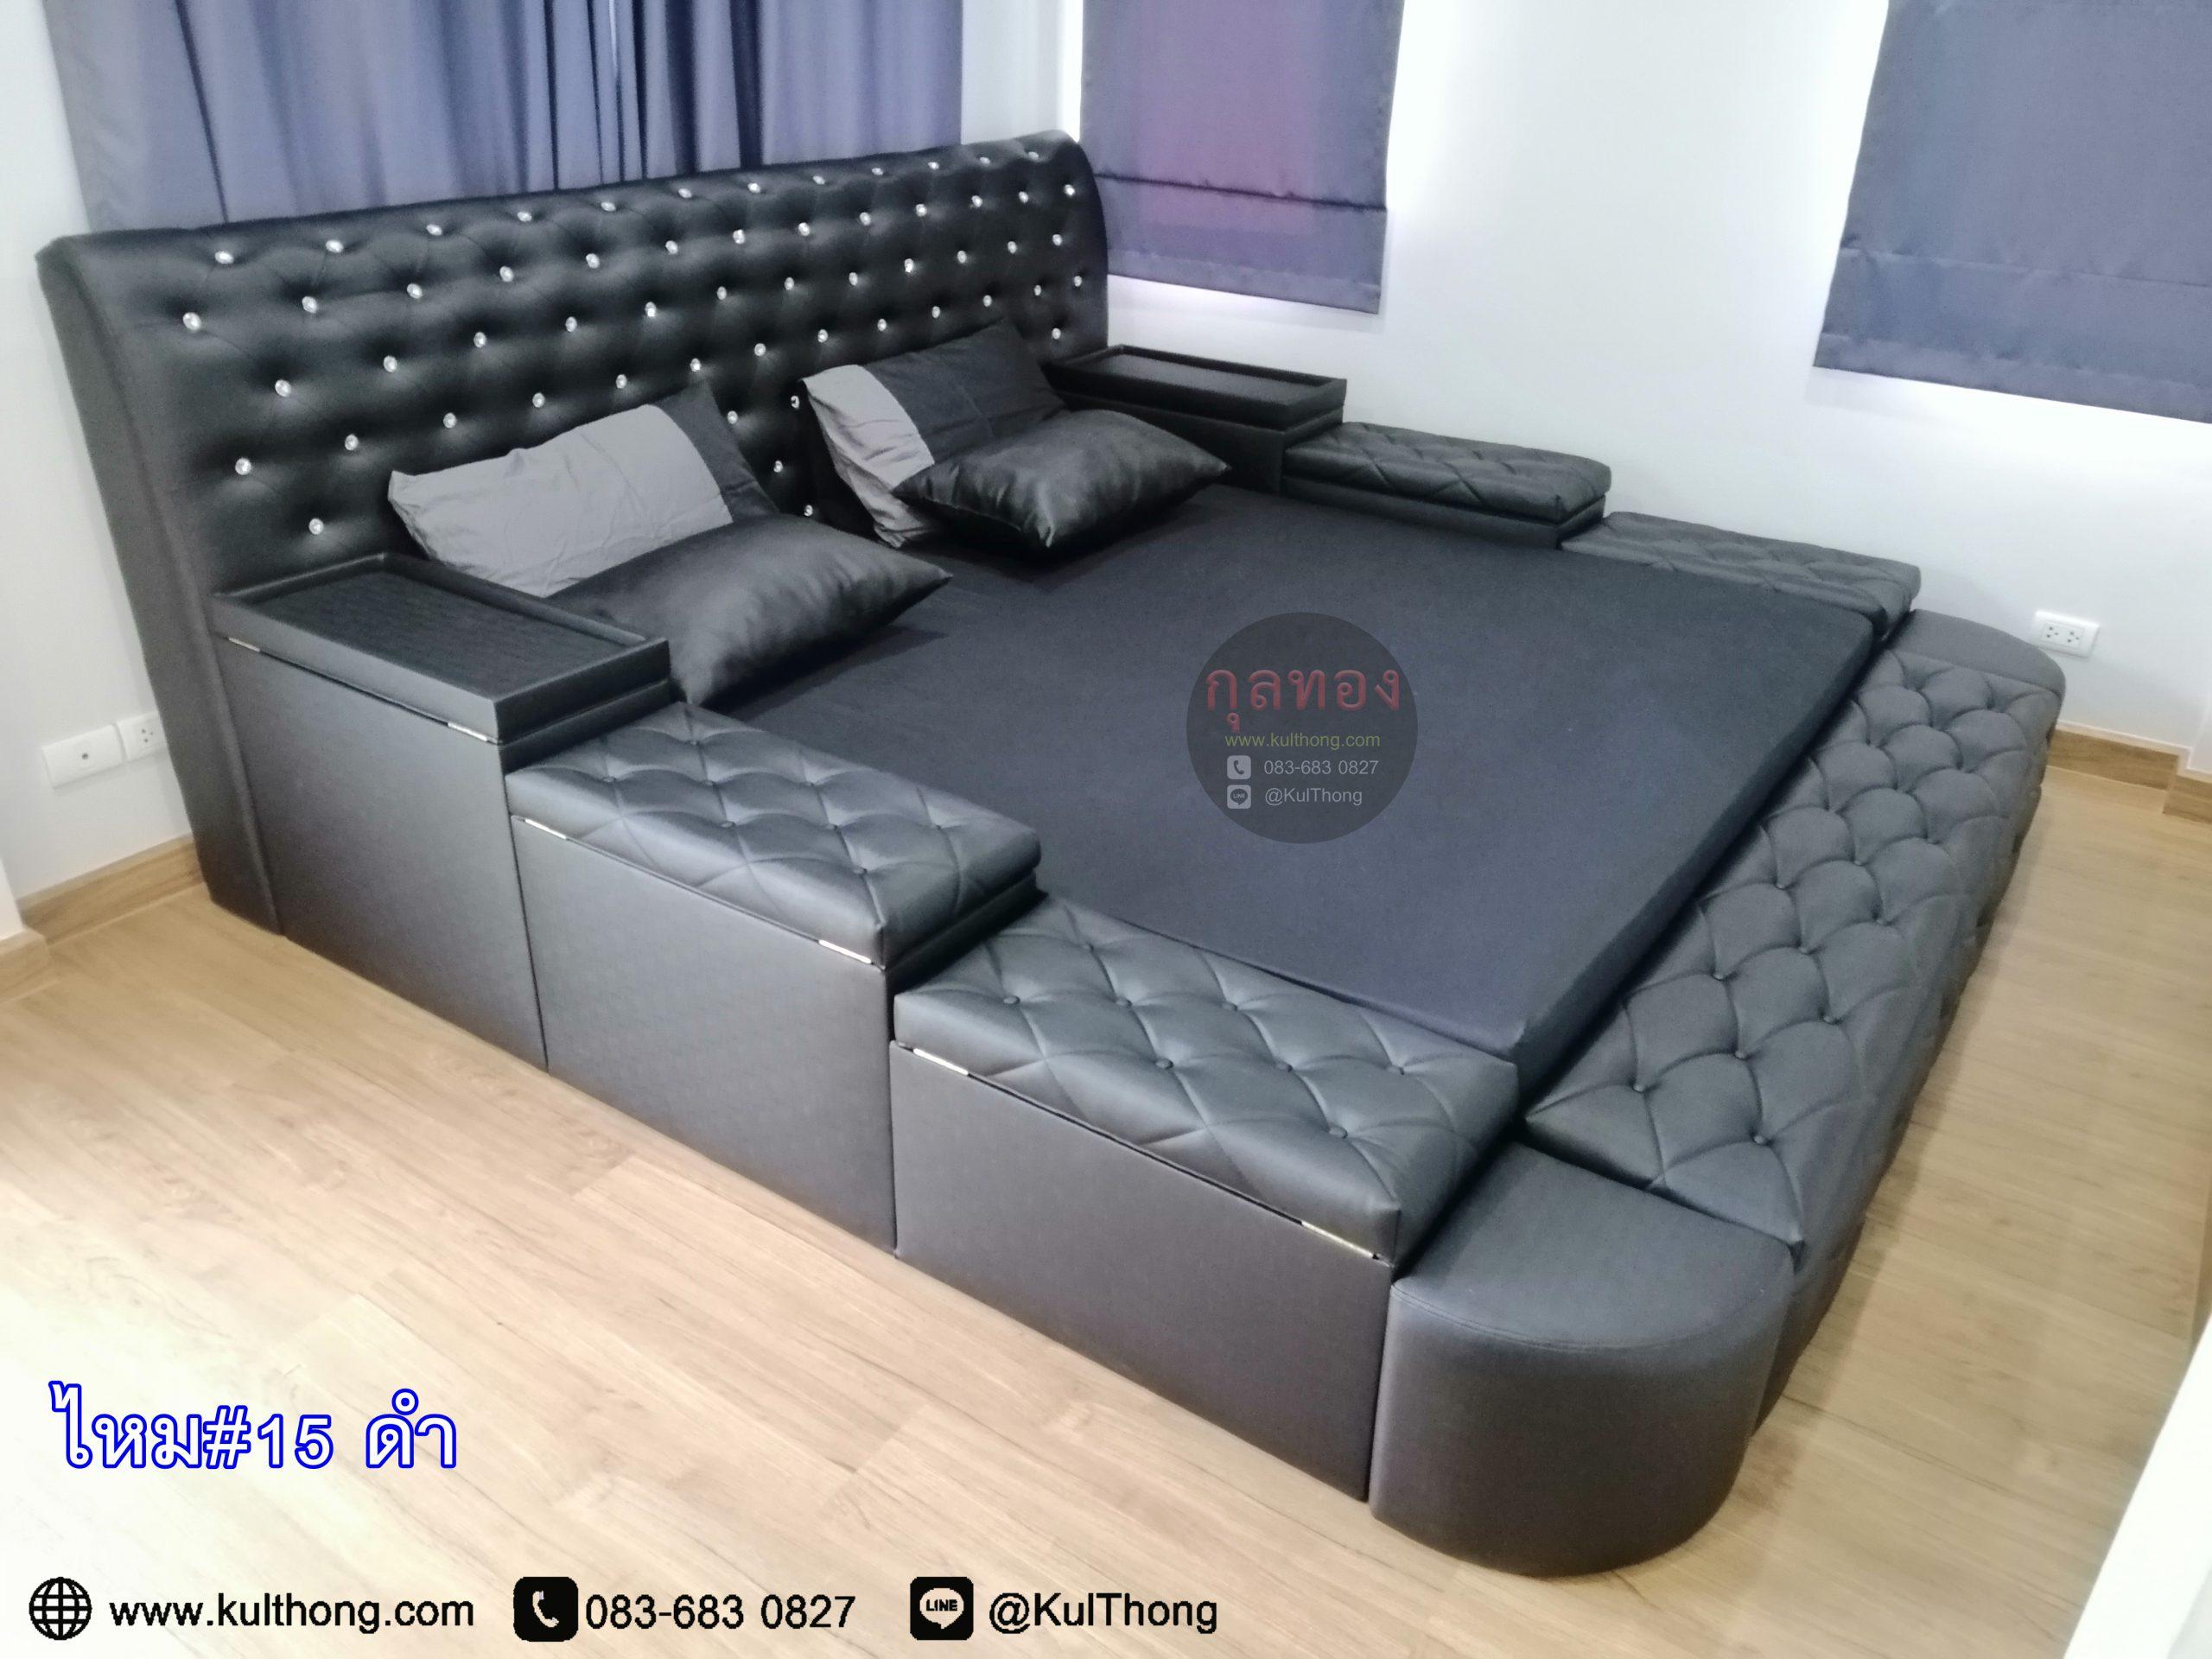 เตียงมีที่เก็บของ เตียงกล่อง เตียงเอนกประสงค์ เตียงขนาดใหญ่